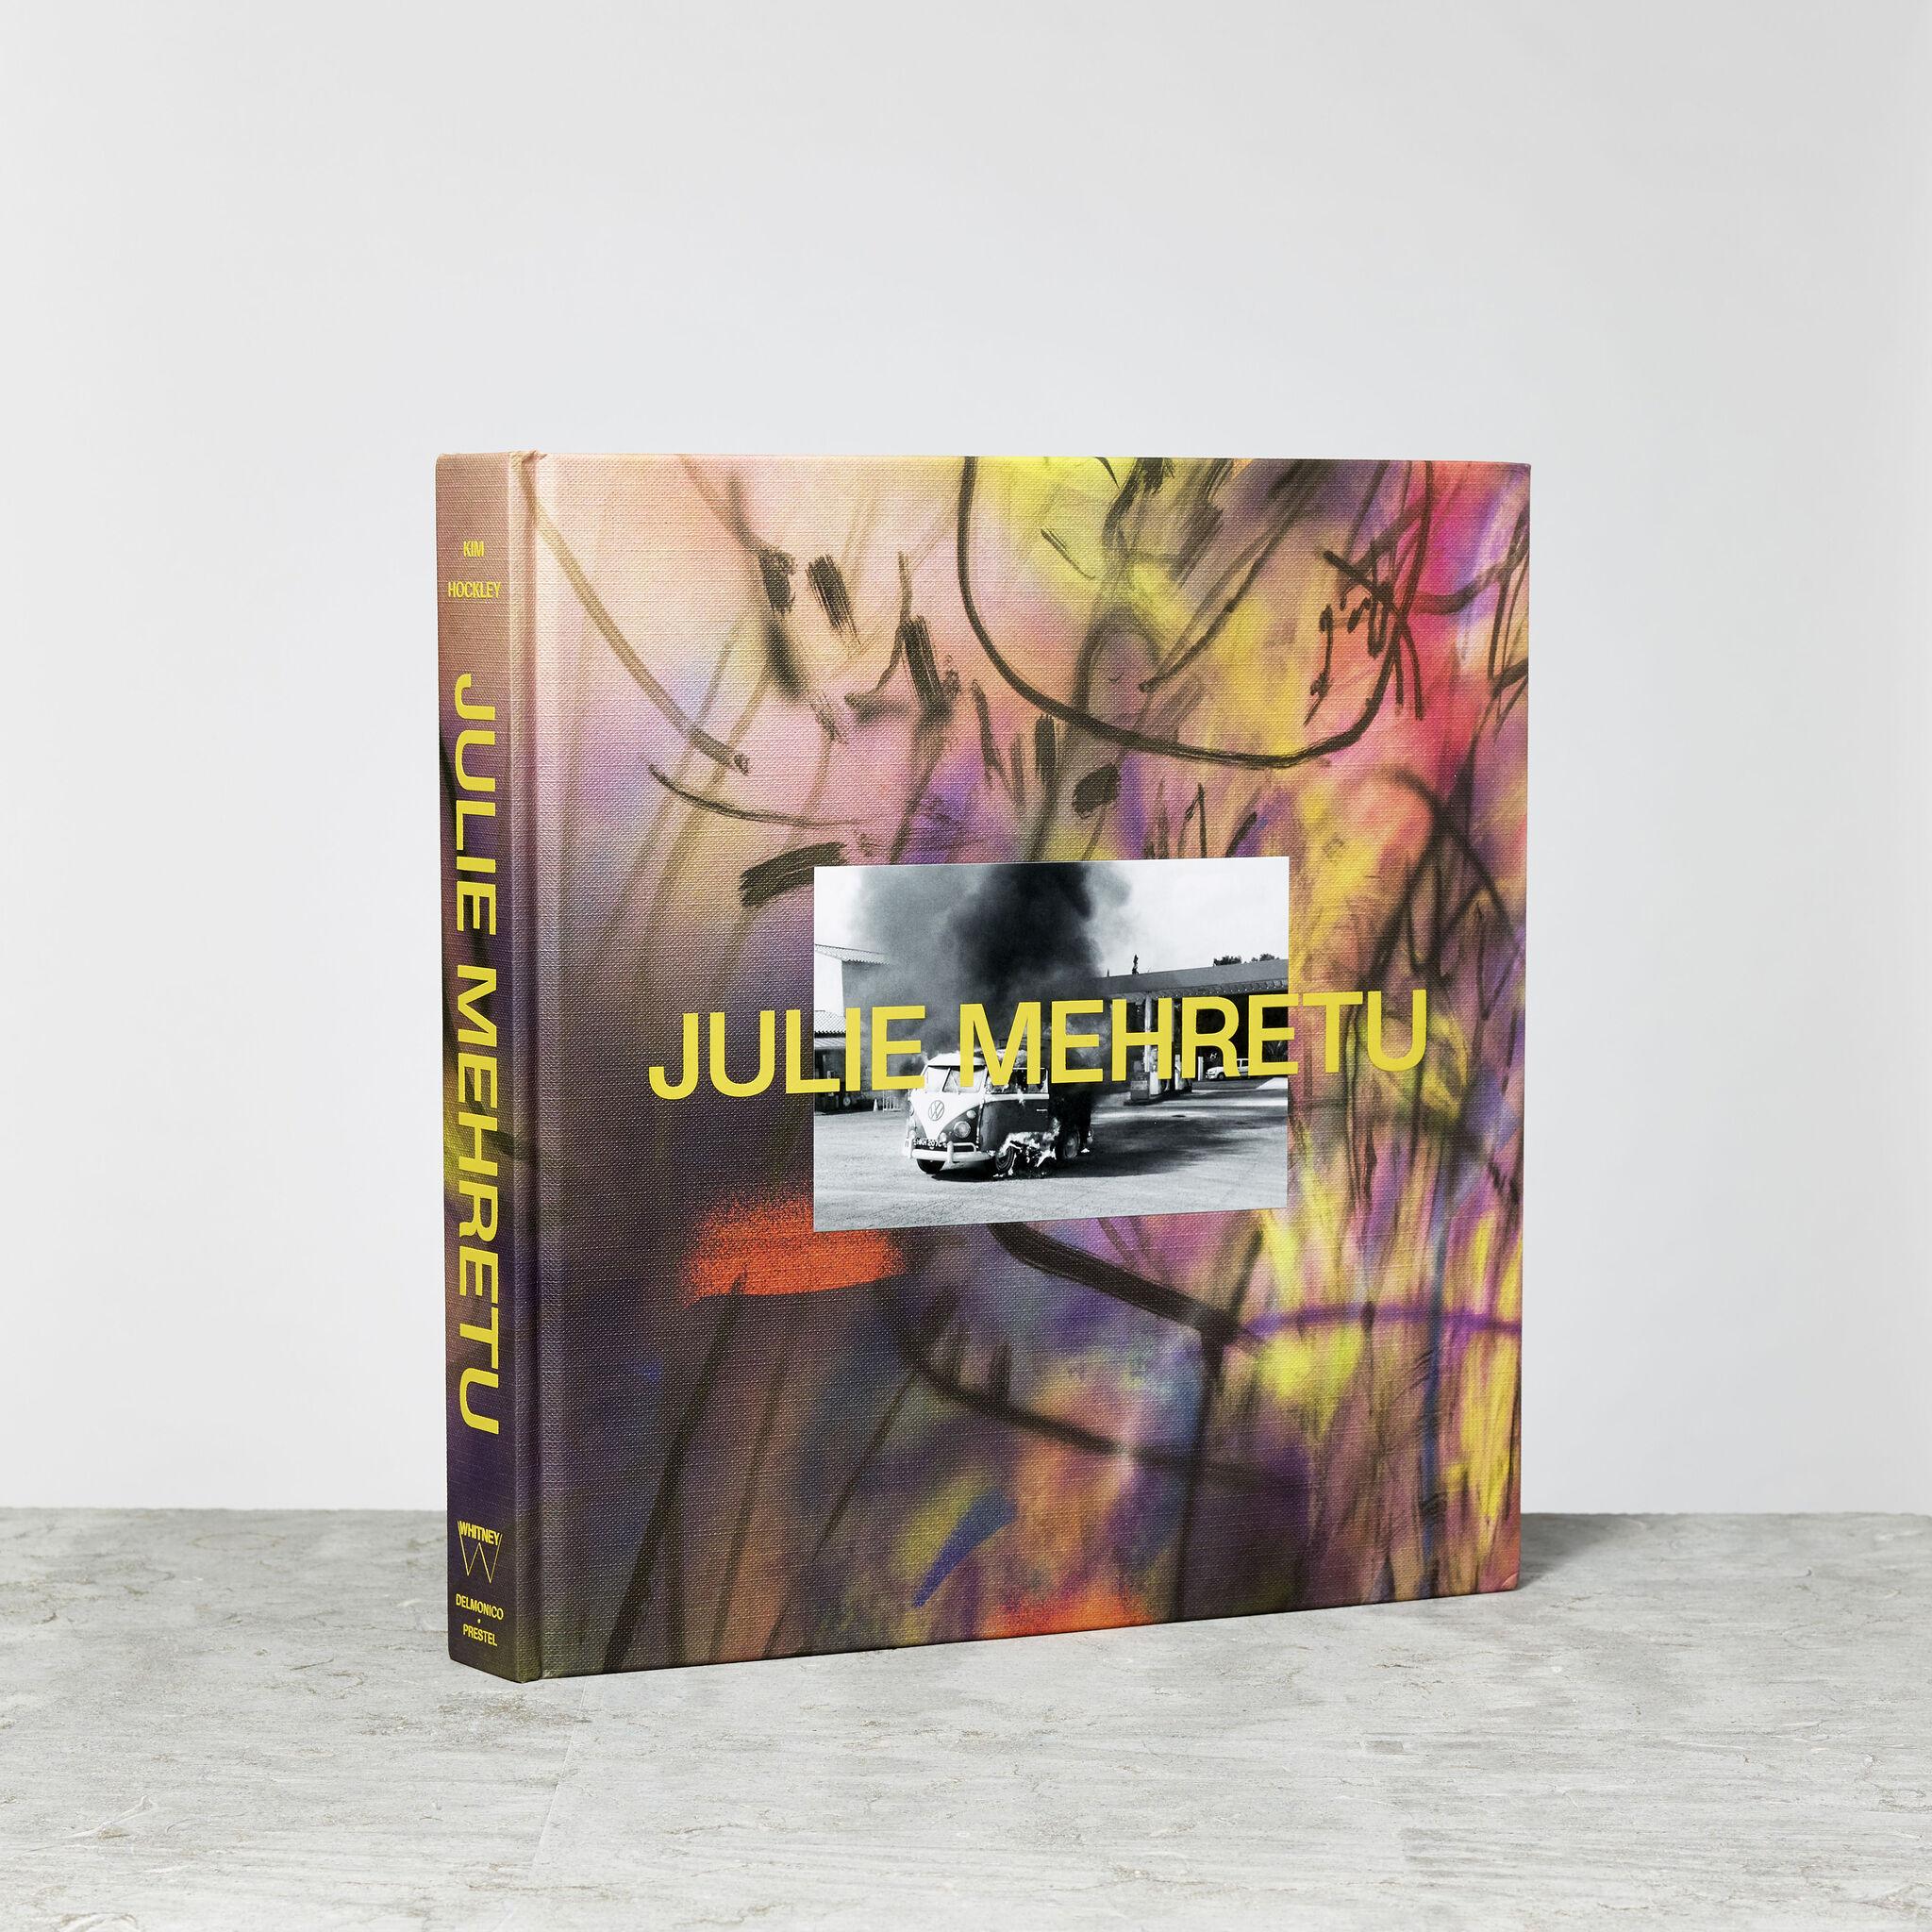 Julie Mehretu exhibition catalogue cover.